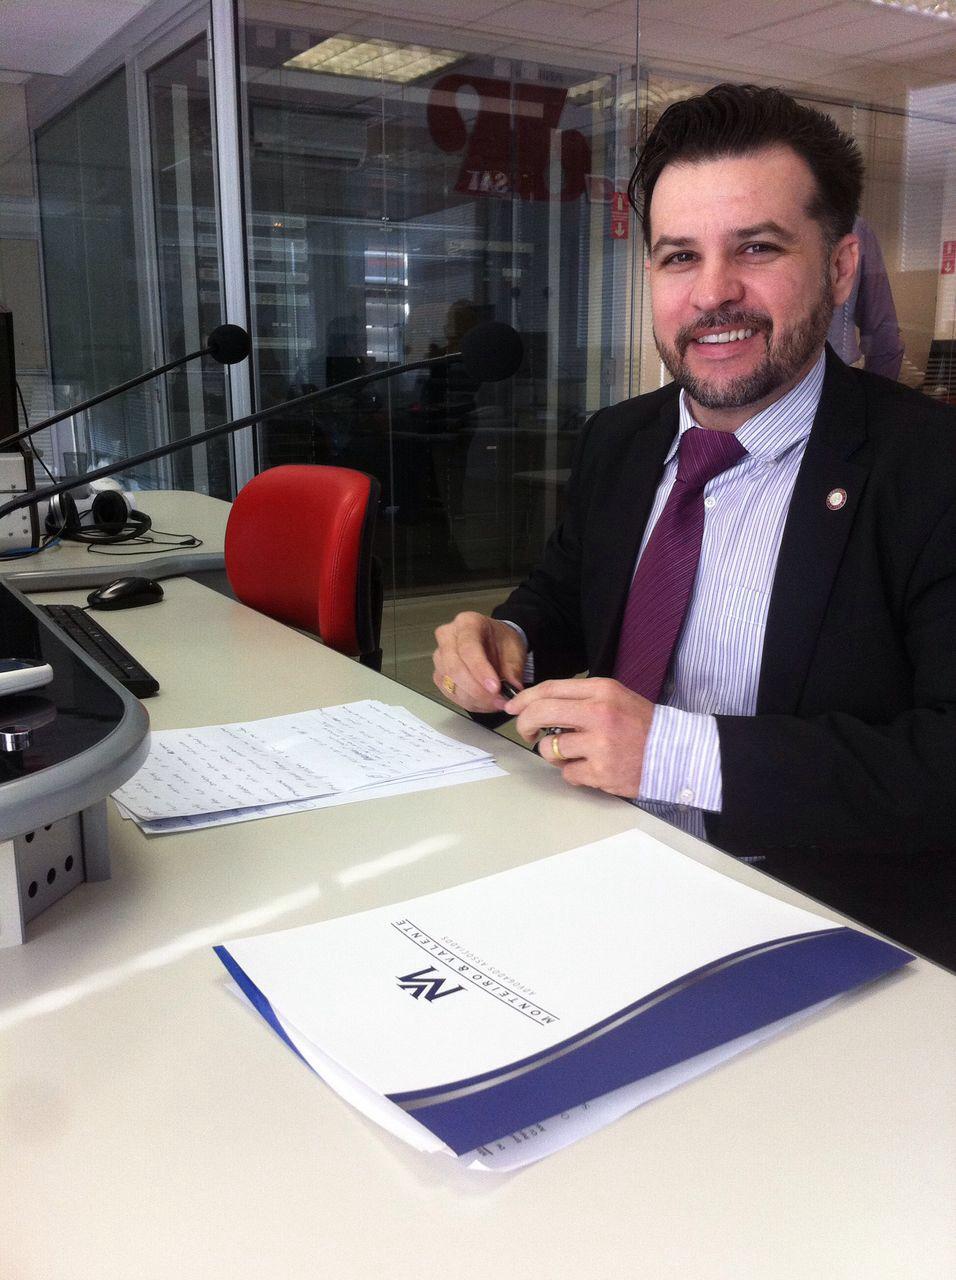 Monteiro & Valente - Advogados em Jundiaí e Região - Recuperação judicial